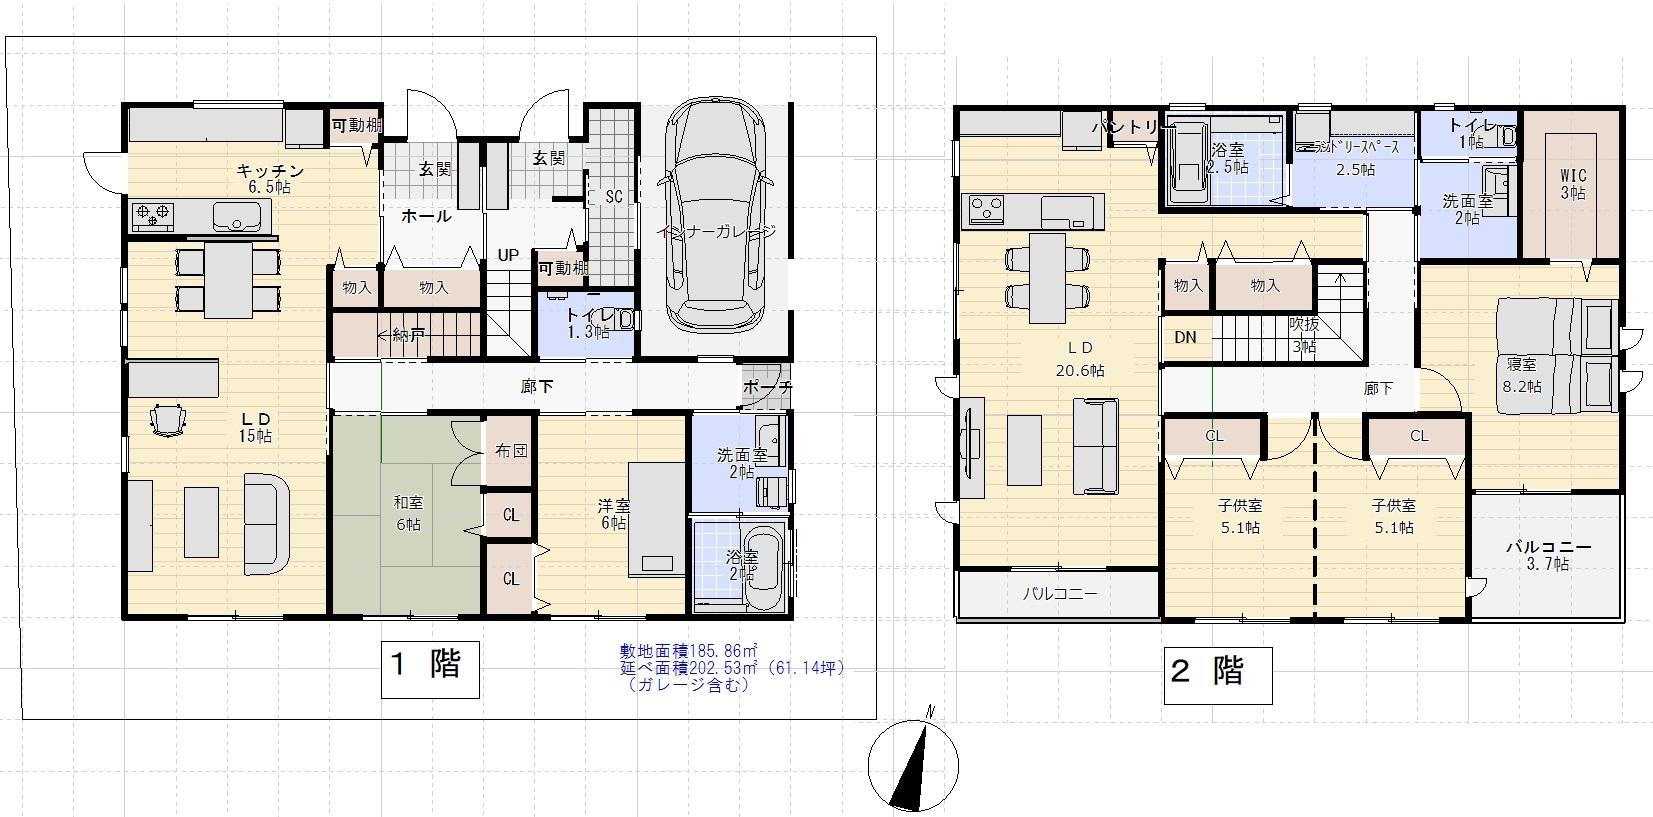 2世帯住宅間取り例(2階建て)②